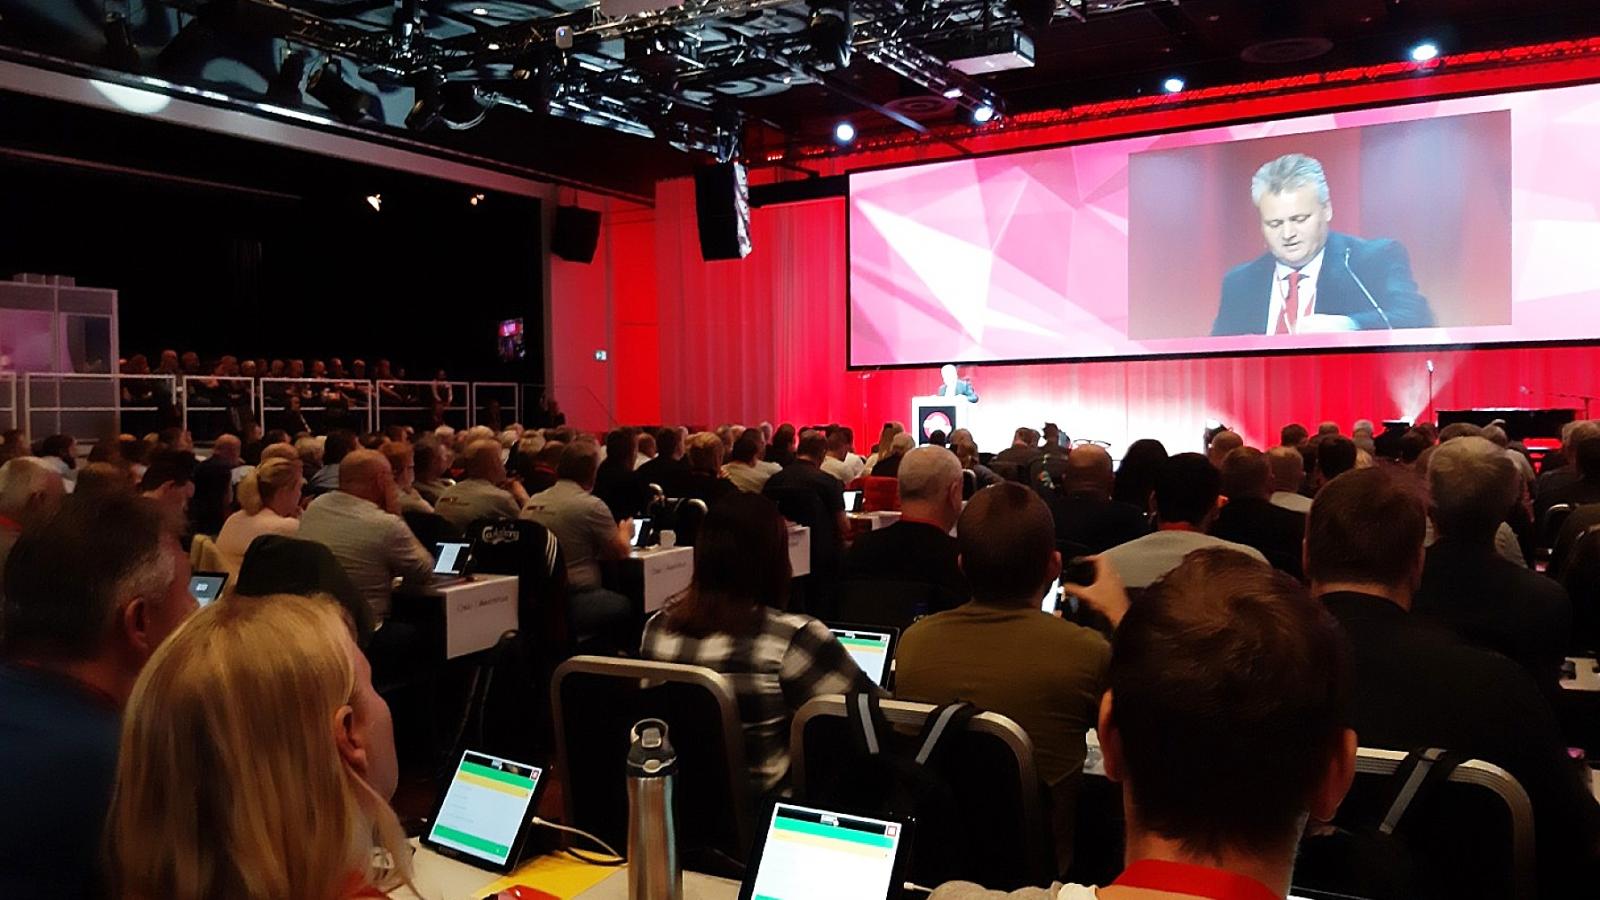 Viktige EØS-vedtak. Felleforbundets 160 000 medlemmer vil følge nøye med på hvordan forbundsledelsen følger opp de viktige vedtaka fra høstens landsmøte.